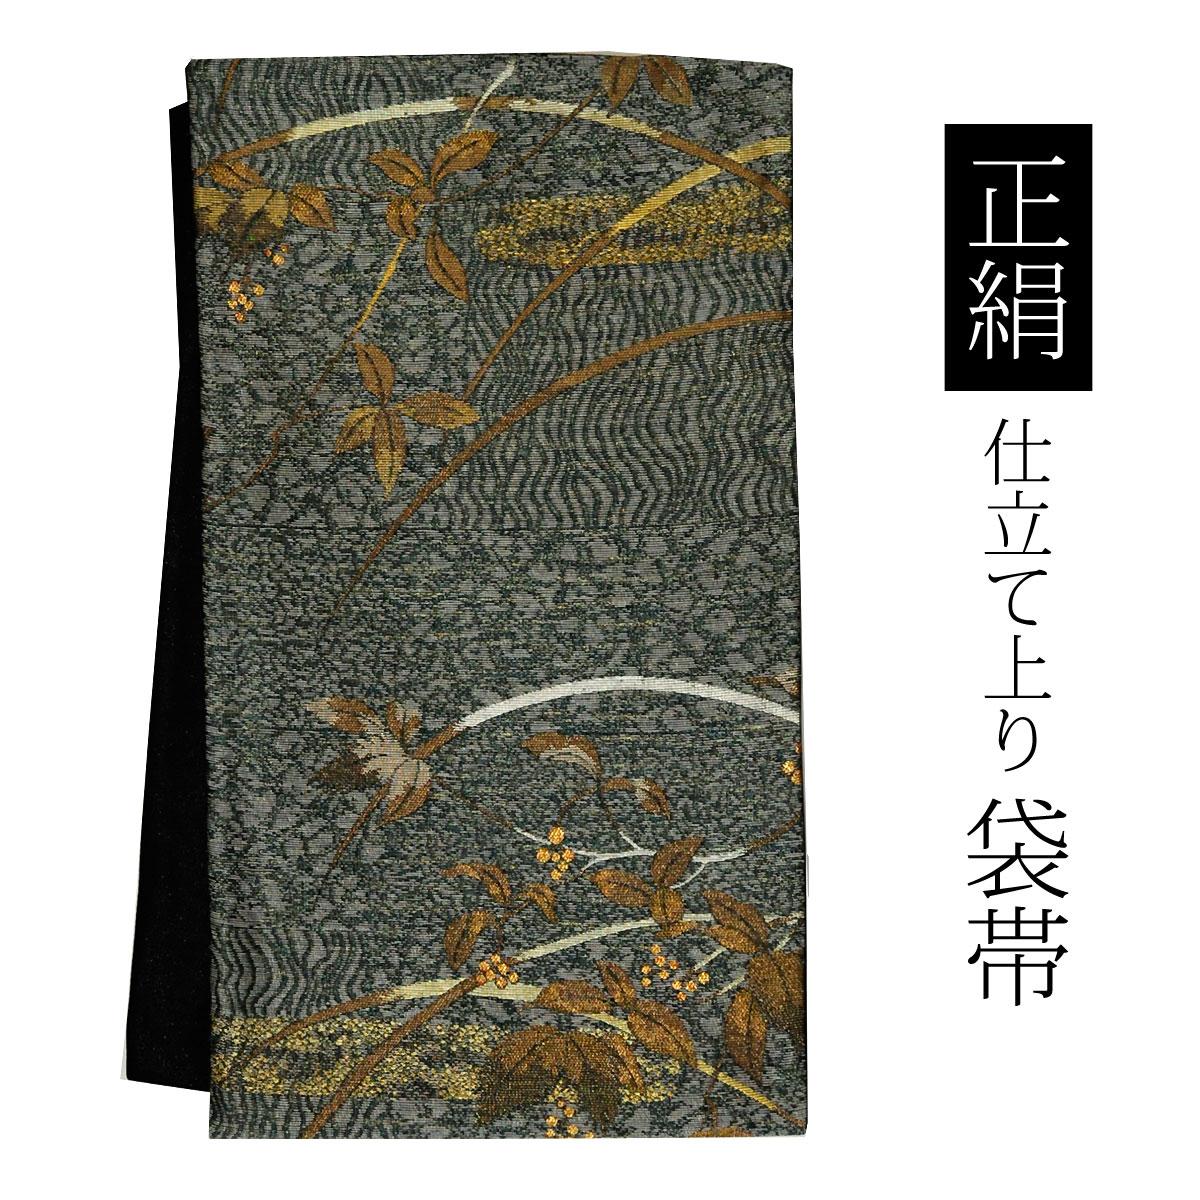 正絹 仕立て上がり 袋帯 【お仕立て済み】番号d604-8